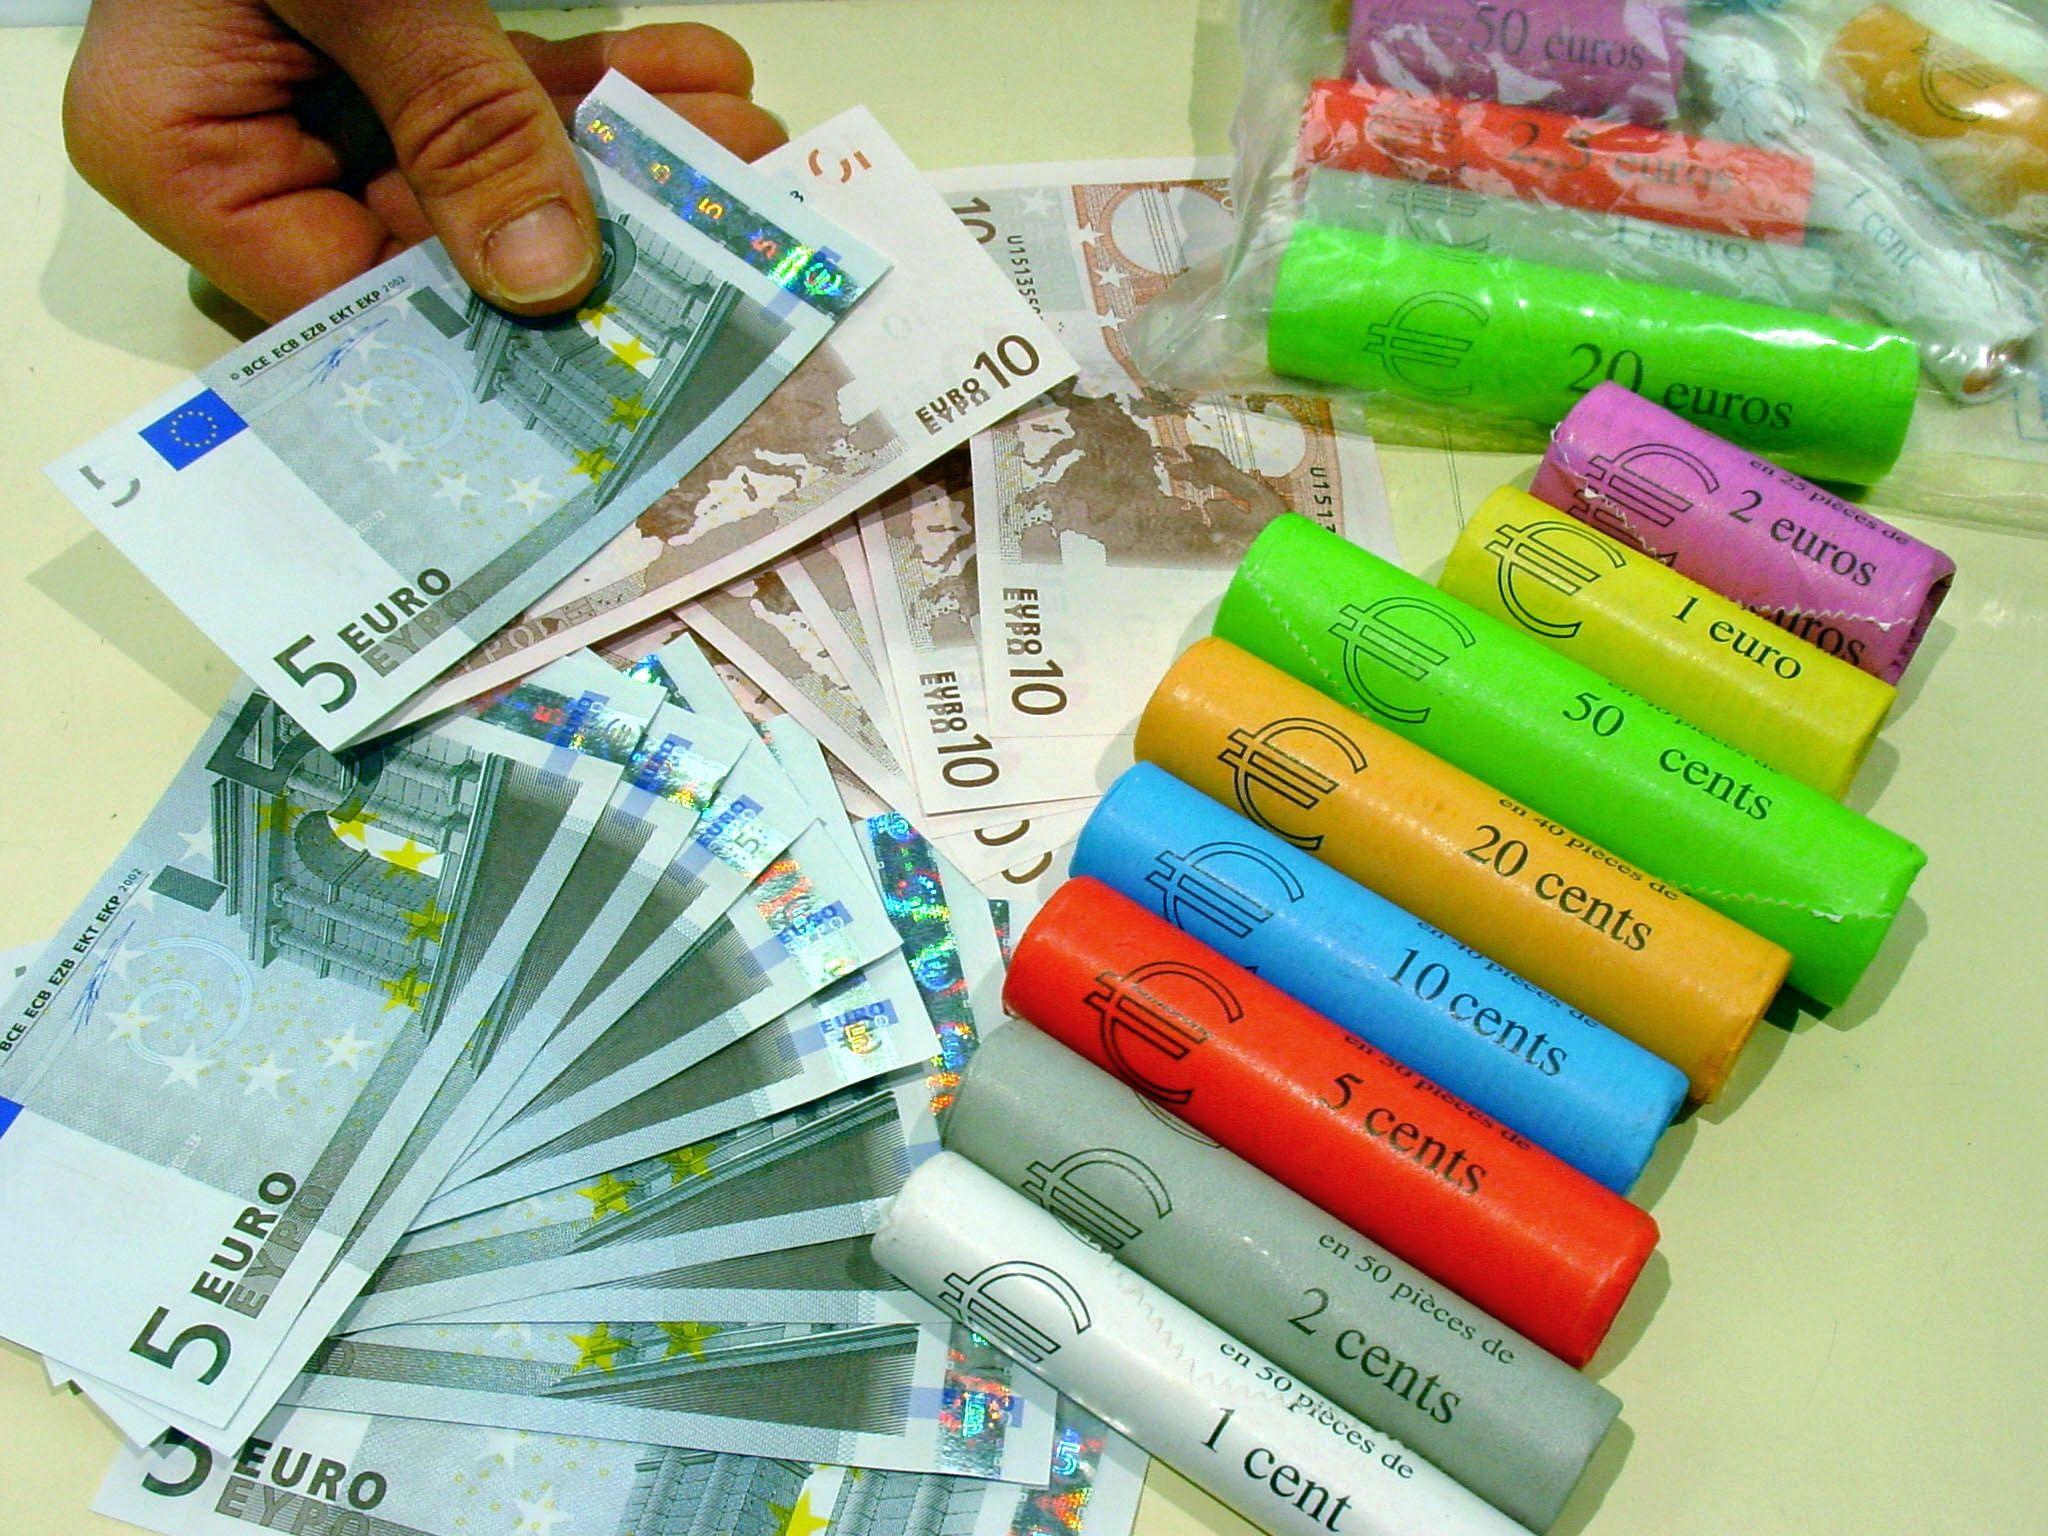 """L'euro est """"un vrai succès populaire"""" : mais les chiffres avancés par le gouverneur de la banque de France pour le justifier disent-ils vraiment ce qu'il croit ?"""